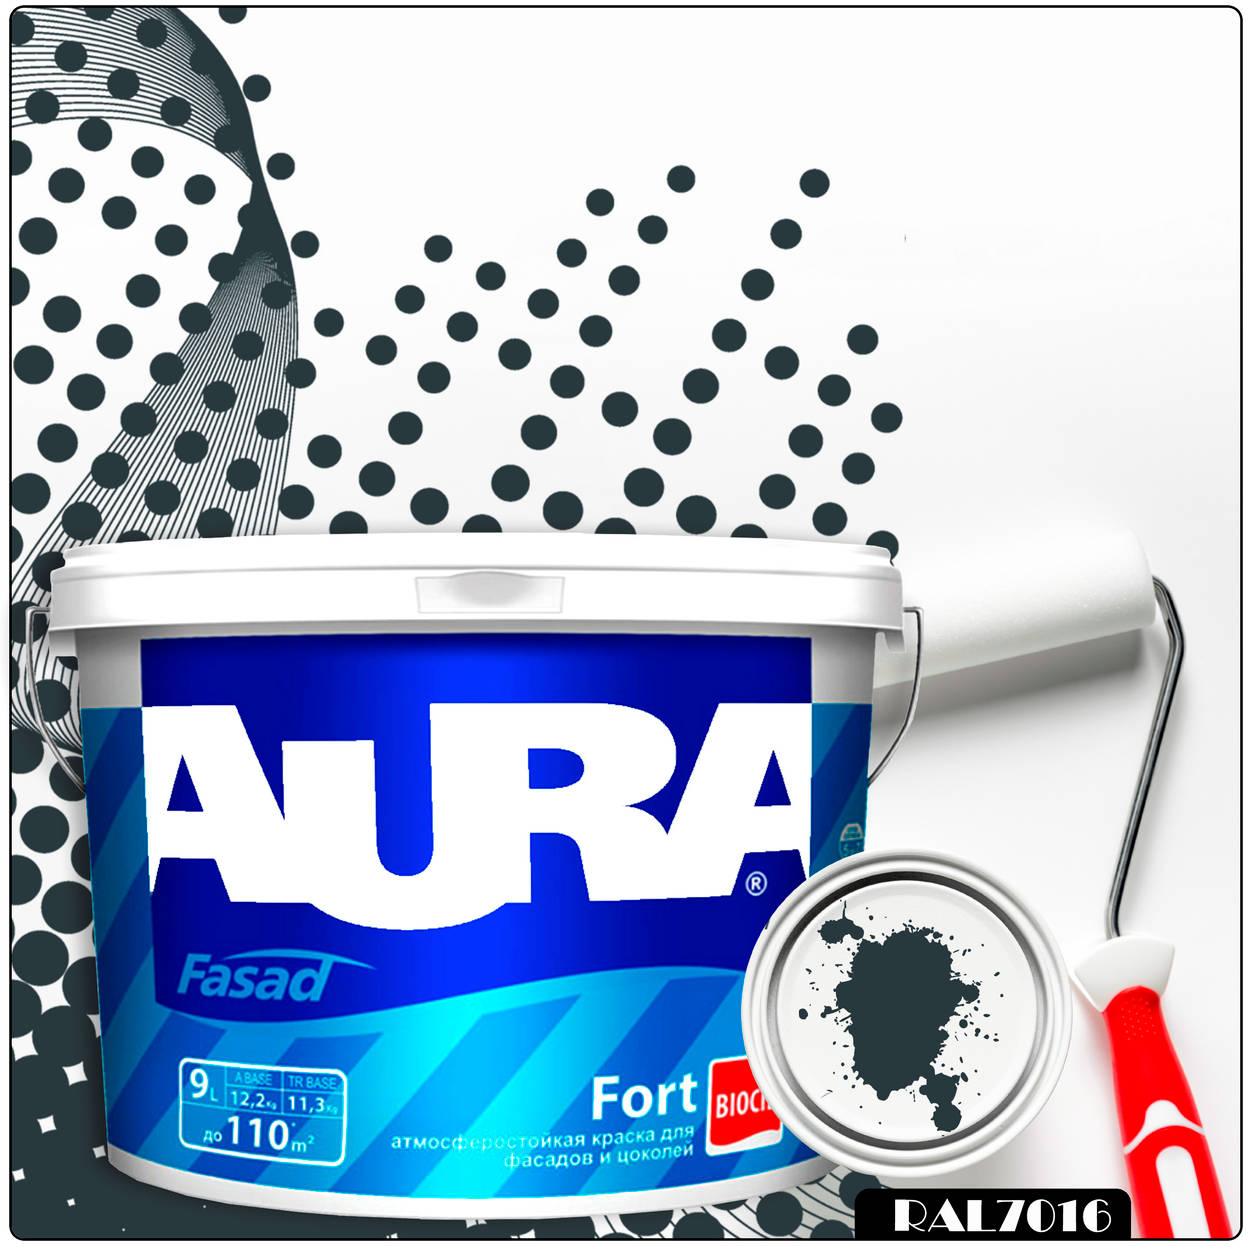 Фото 14 - Краска Aura Fasad Fort, RAL 7016 Серый антрацит, латексная, матовая, для фасада и цоколей, 9л, Аура.